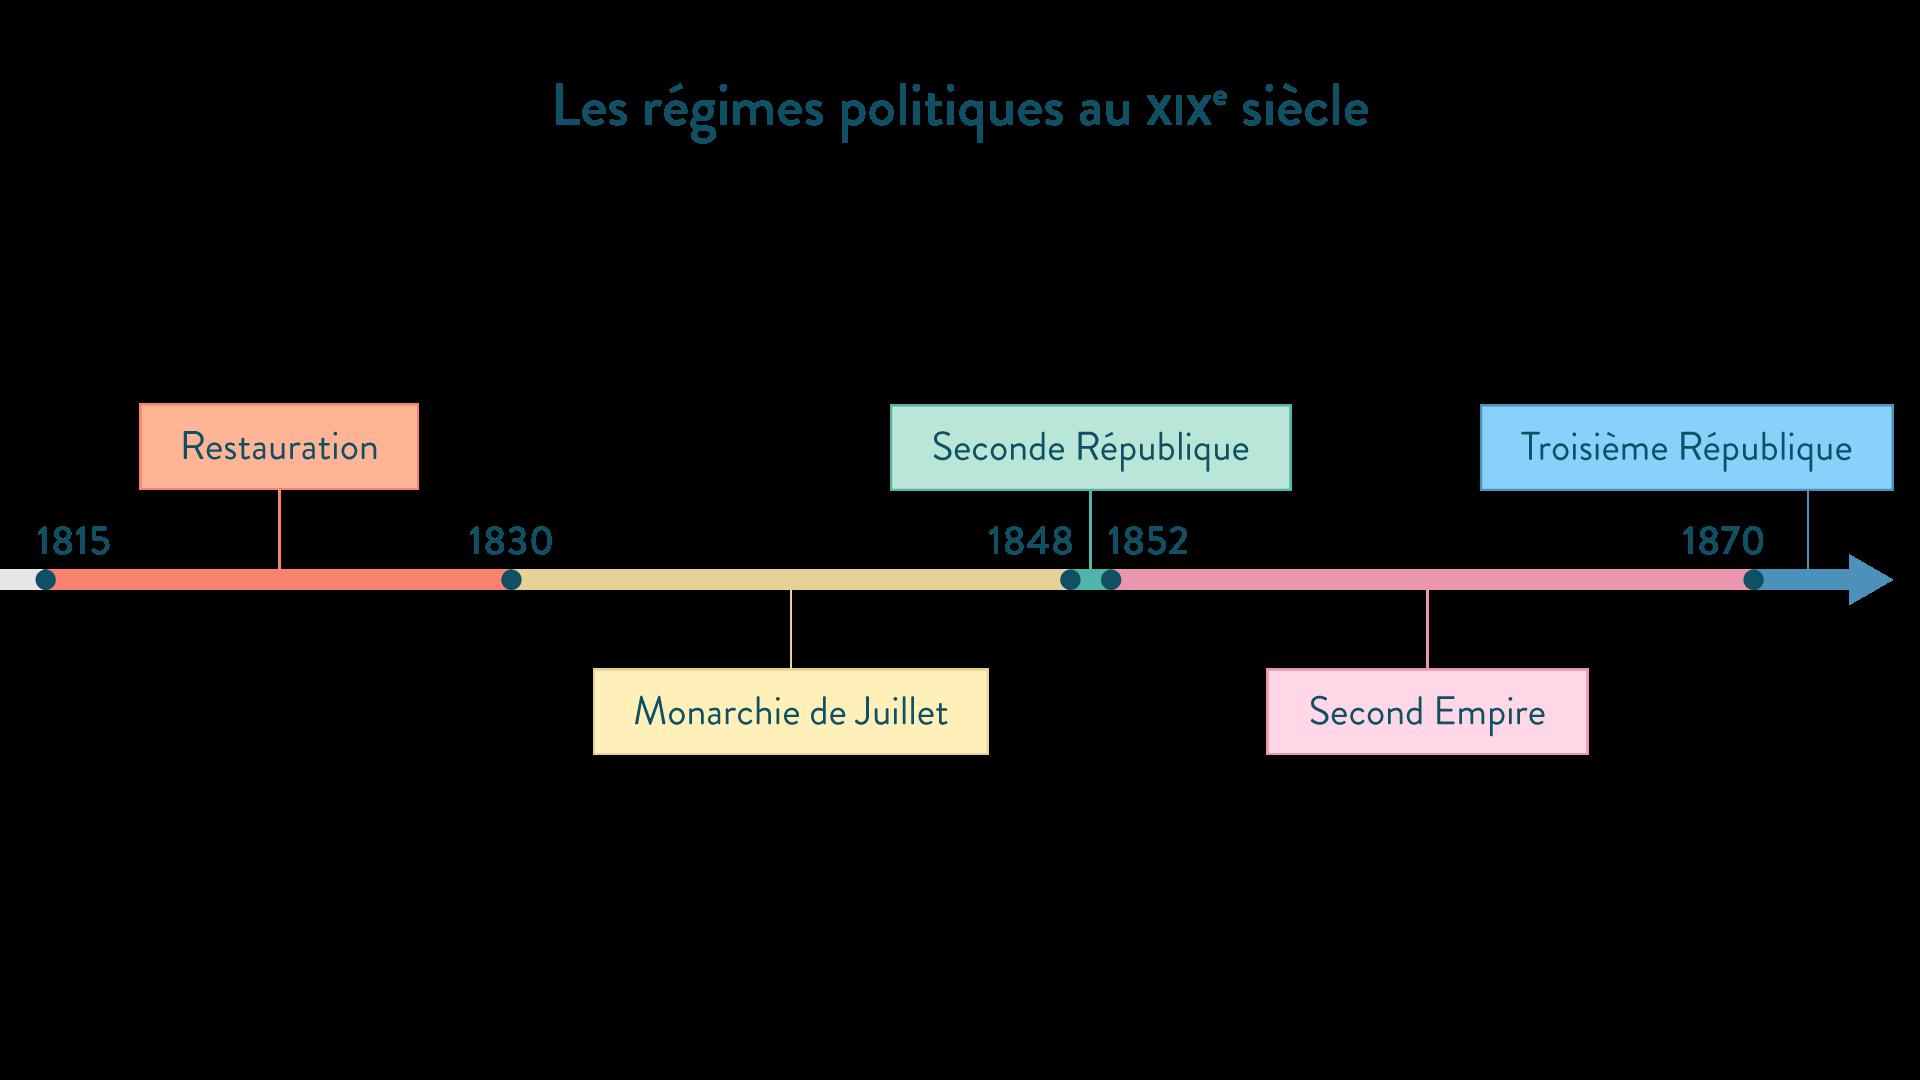 Régimes politiques au XIXe siècle - histoire - 4e - schoolmouv